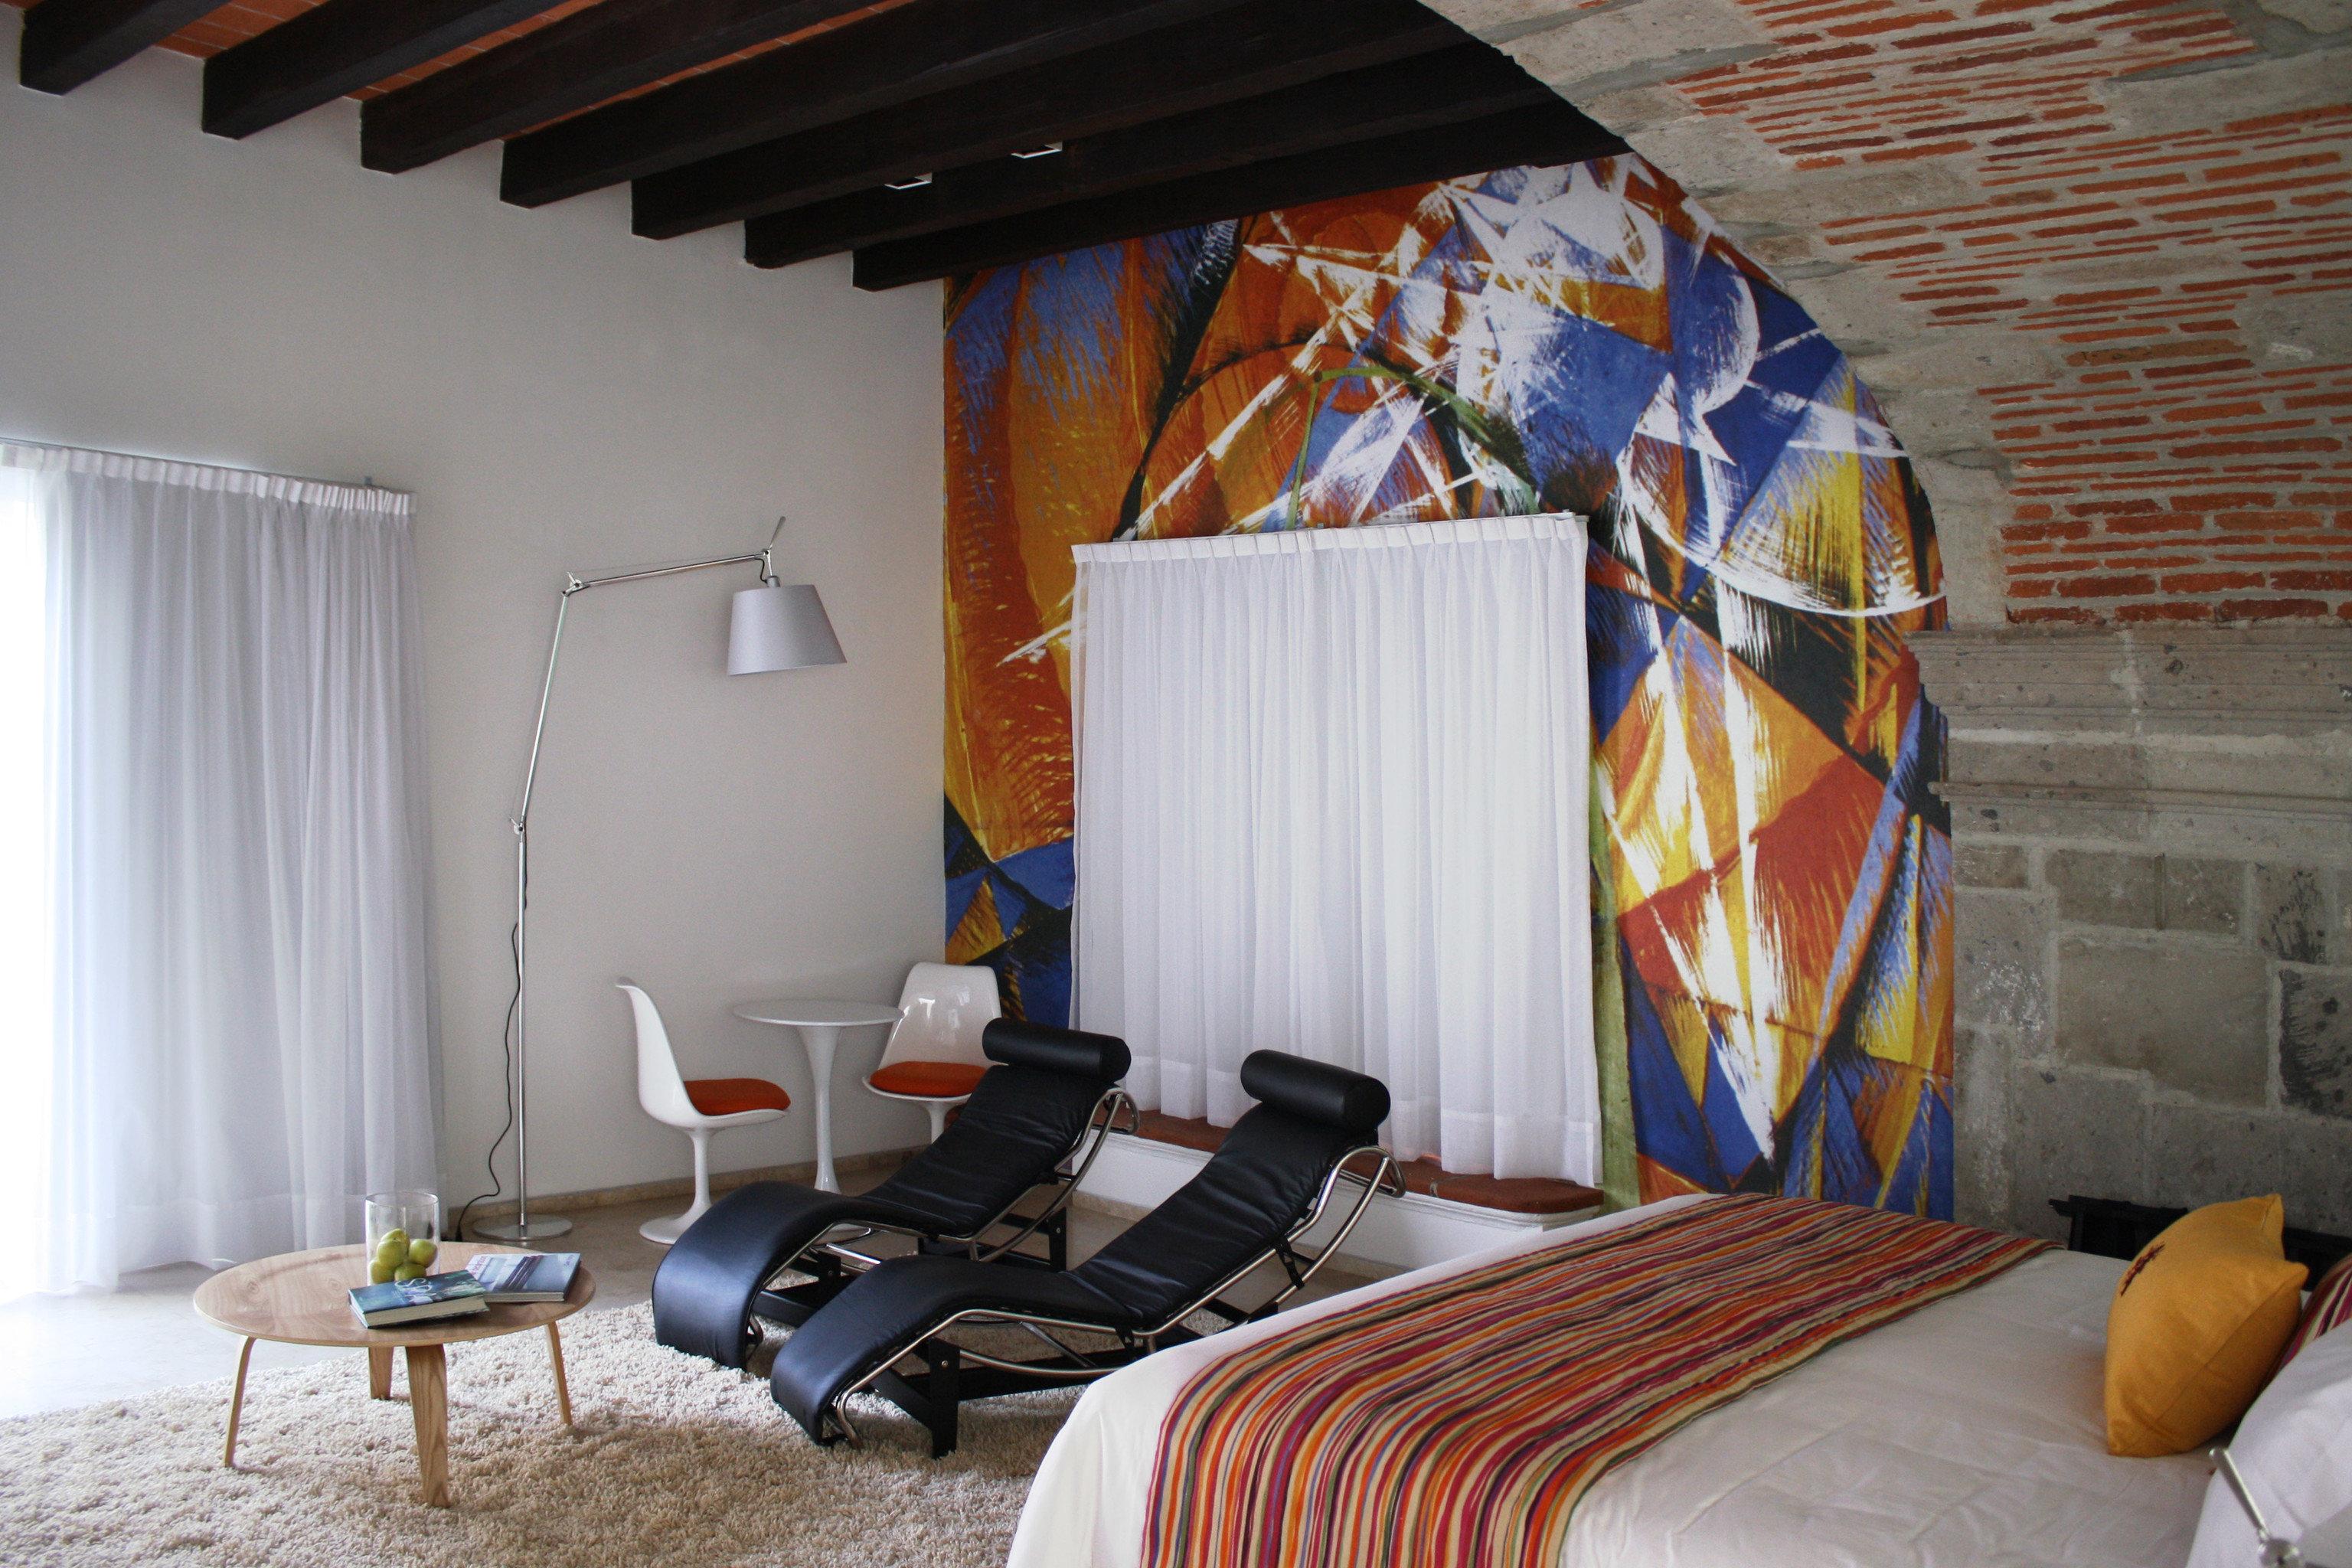 property house living room cottage home loft Villa Bedroom